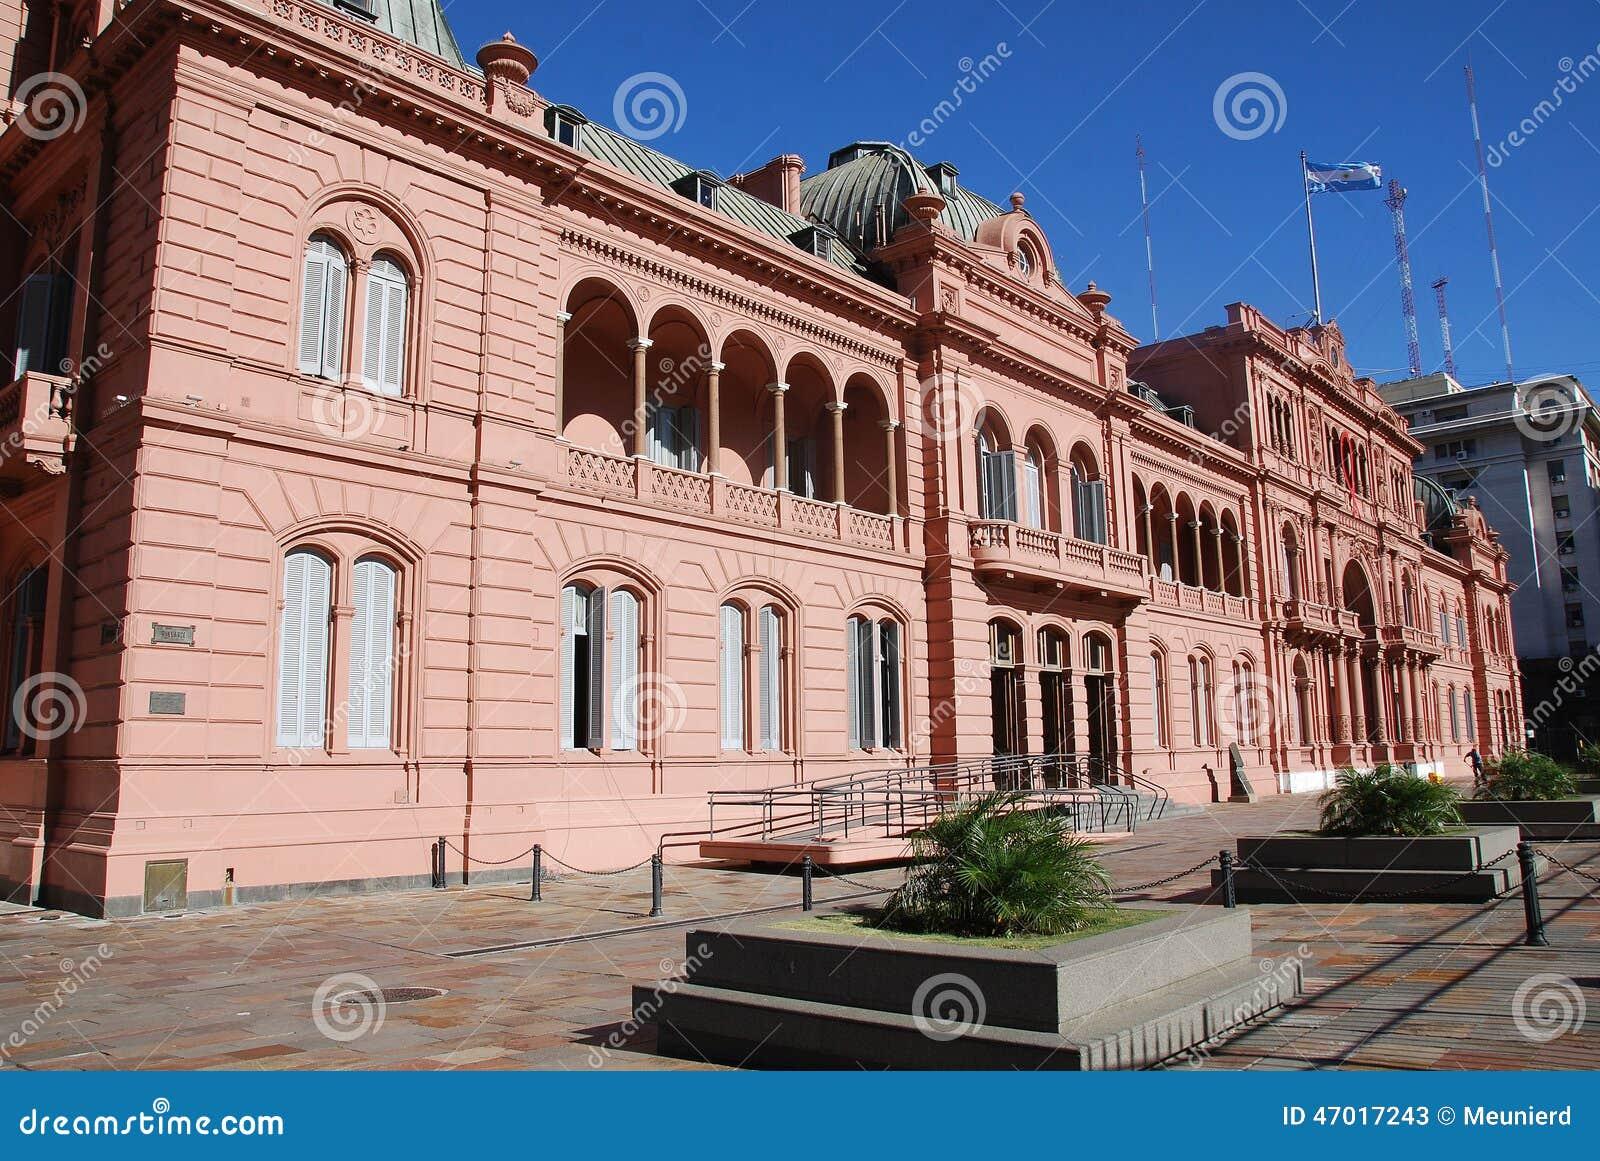 Casa Rosada stock image. Image of belgrano, american ...